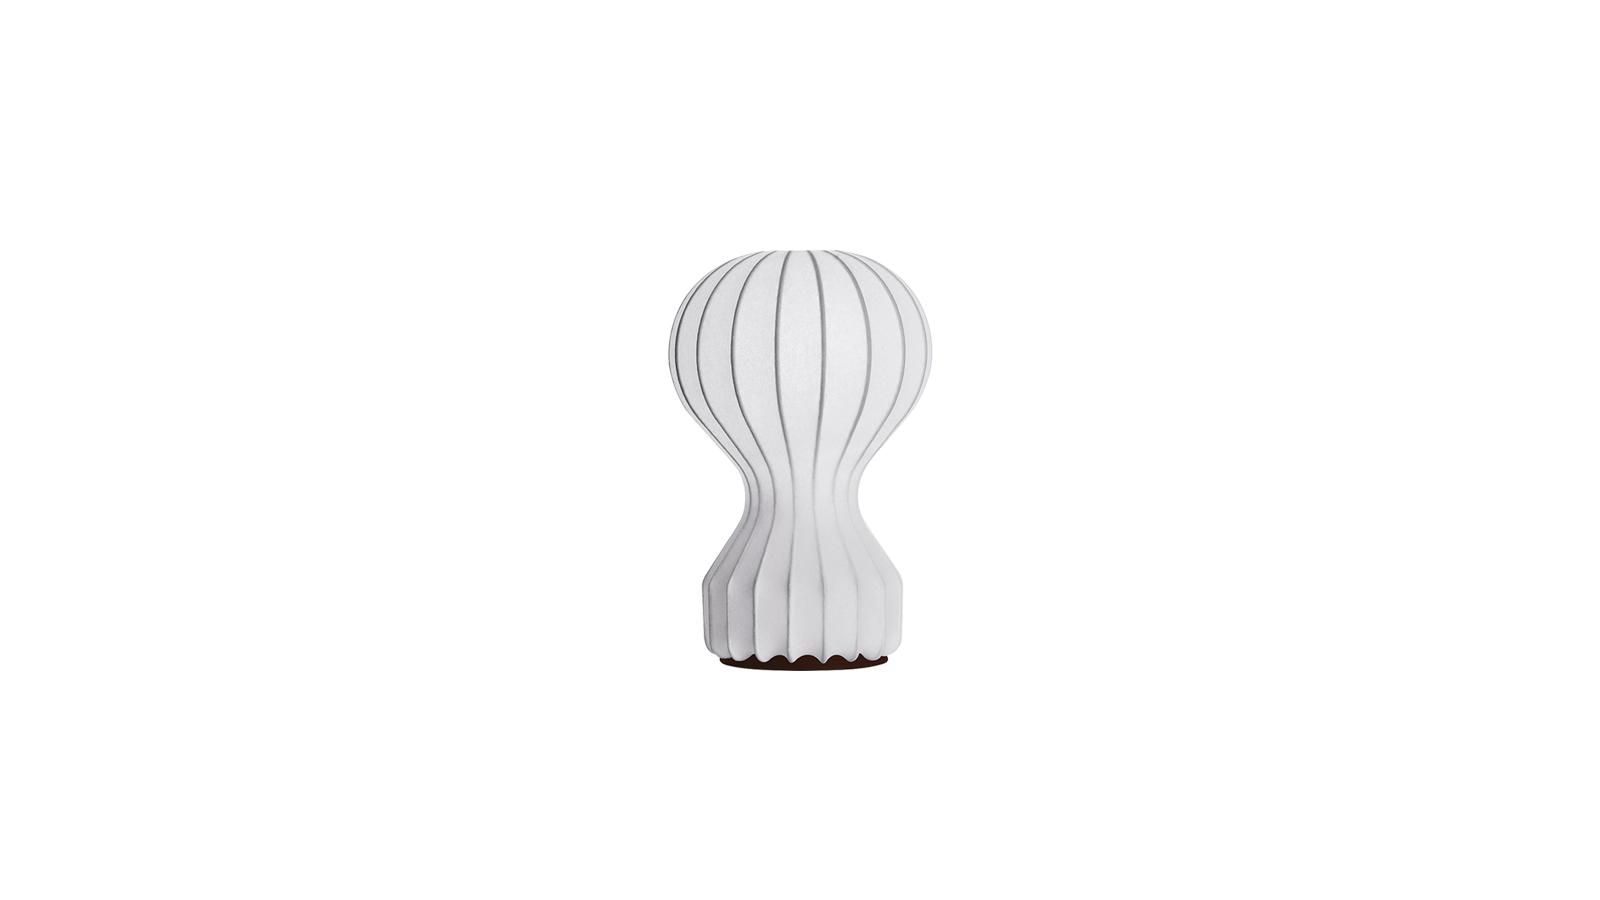 A Gatto olaszul eredetileg macskát jelent, de mióta a Flos piacra dobta, azóta egy ikonikus asztali lámpát is! A Castiglioni fivérek Gatto lámpája asztali fényforrás, amely szórt fényt vet a szobára. A lágy fény melegséget, otthonosságot, meghittséget visz bármely térbe, azonban fényerősség szabályozható, így nem csak hangulatvilágításként képes funkcionálni. Ívelt, lekerekített sajátos formavilága különlegessé teszi, ám a tiszta fehér szín egyszerűvé teszi, így egyáltalán nem válik hivalkodó elemévé a szobának.